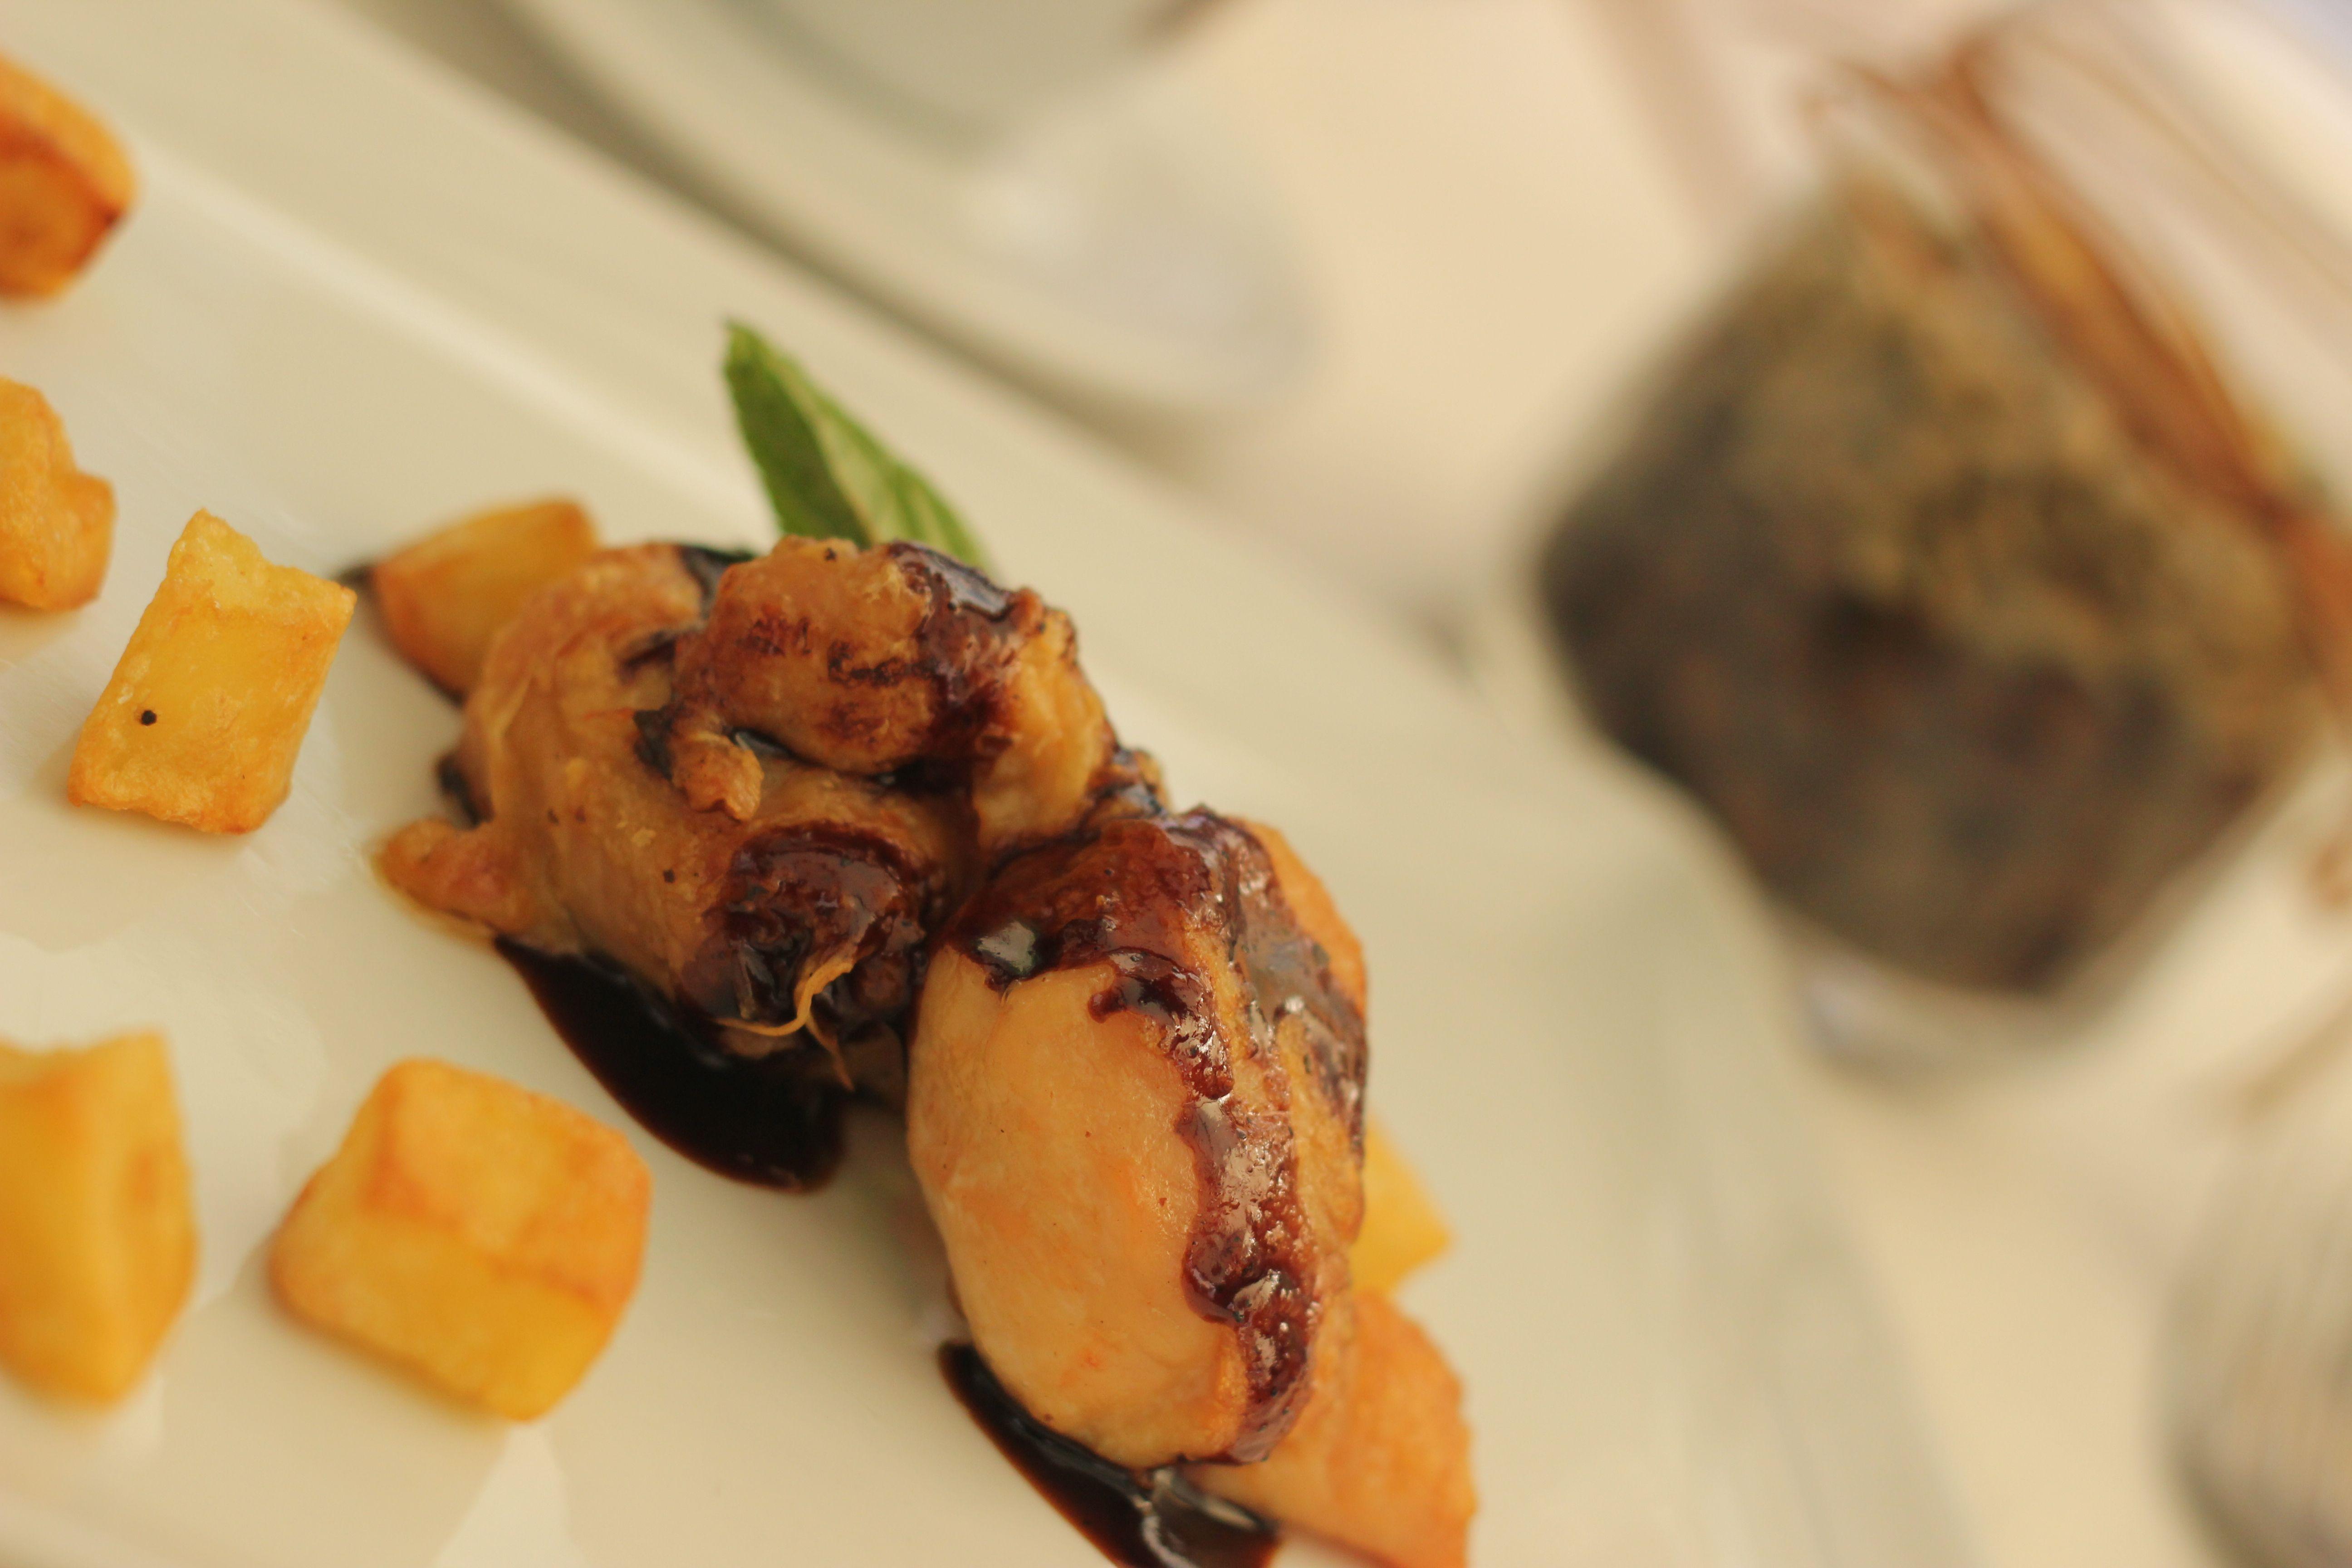 Uno dei piatti preparati dallo chef Andrea Rambaldi: galletto profumato al rosmarino glassato al caffè e birra stout con patate [ph. Paola Gatti]